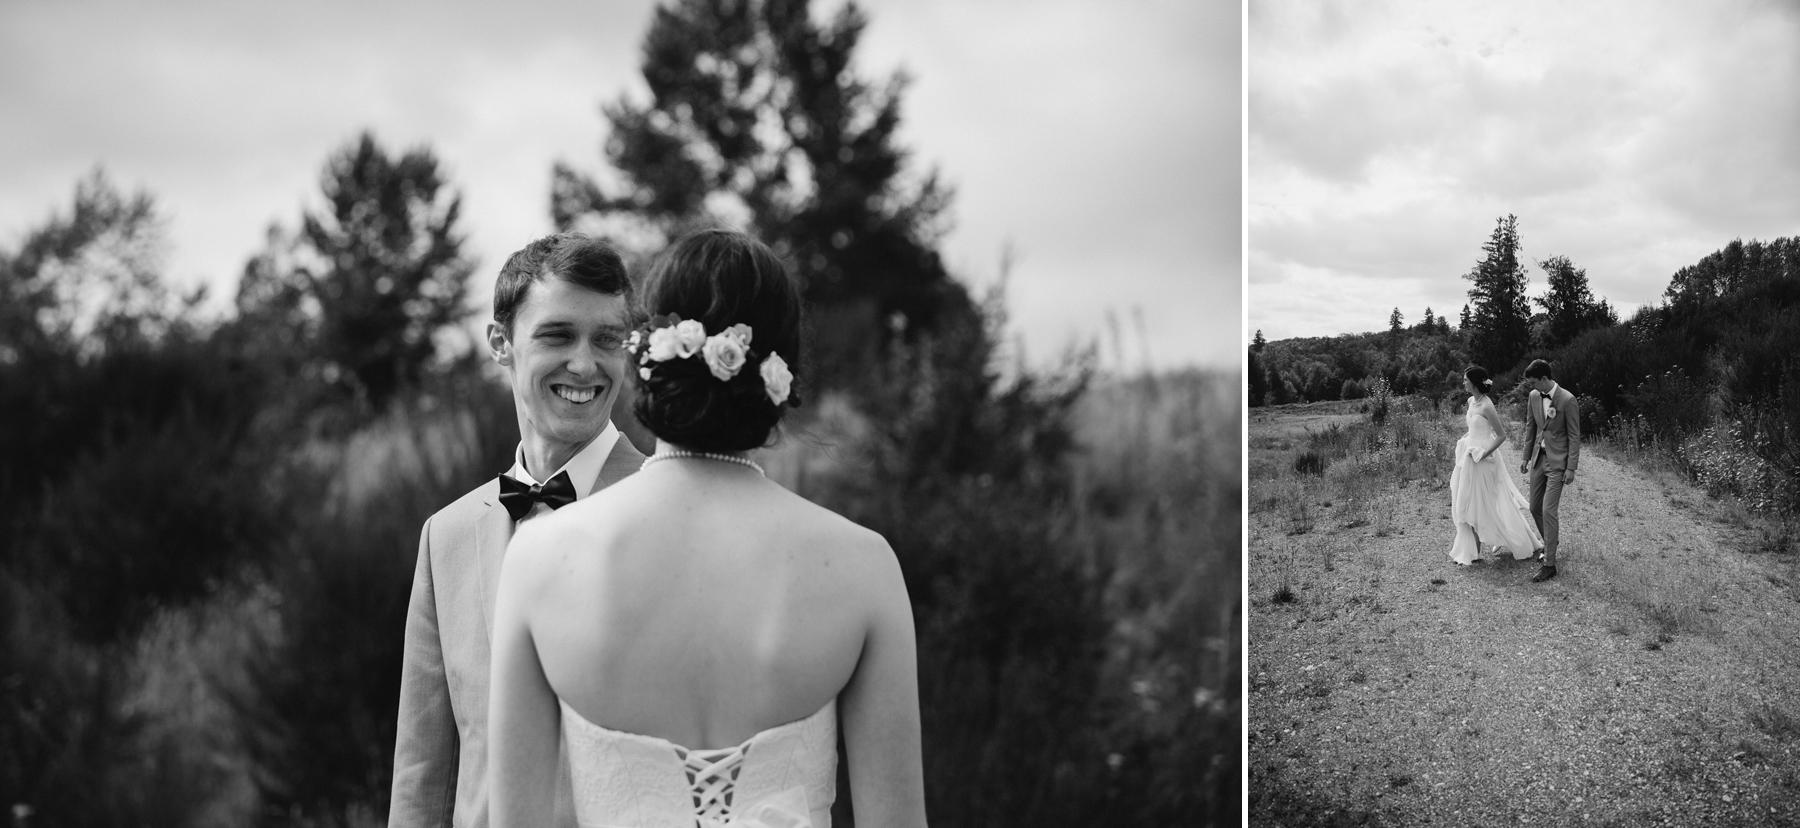 Vancouver-Rustic-Farm-Wedding-KB-081.jpg